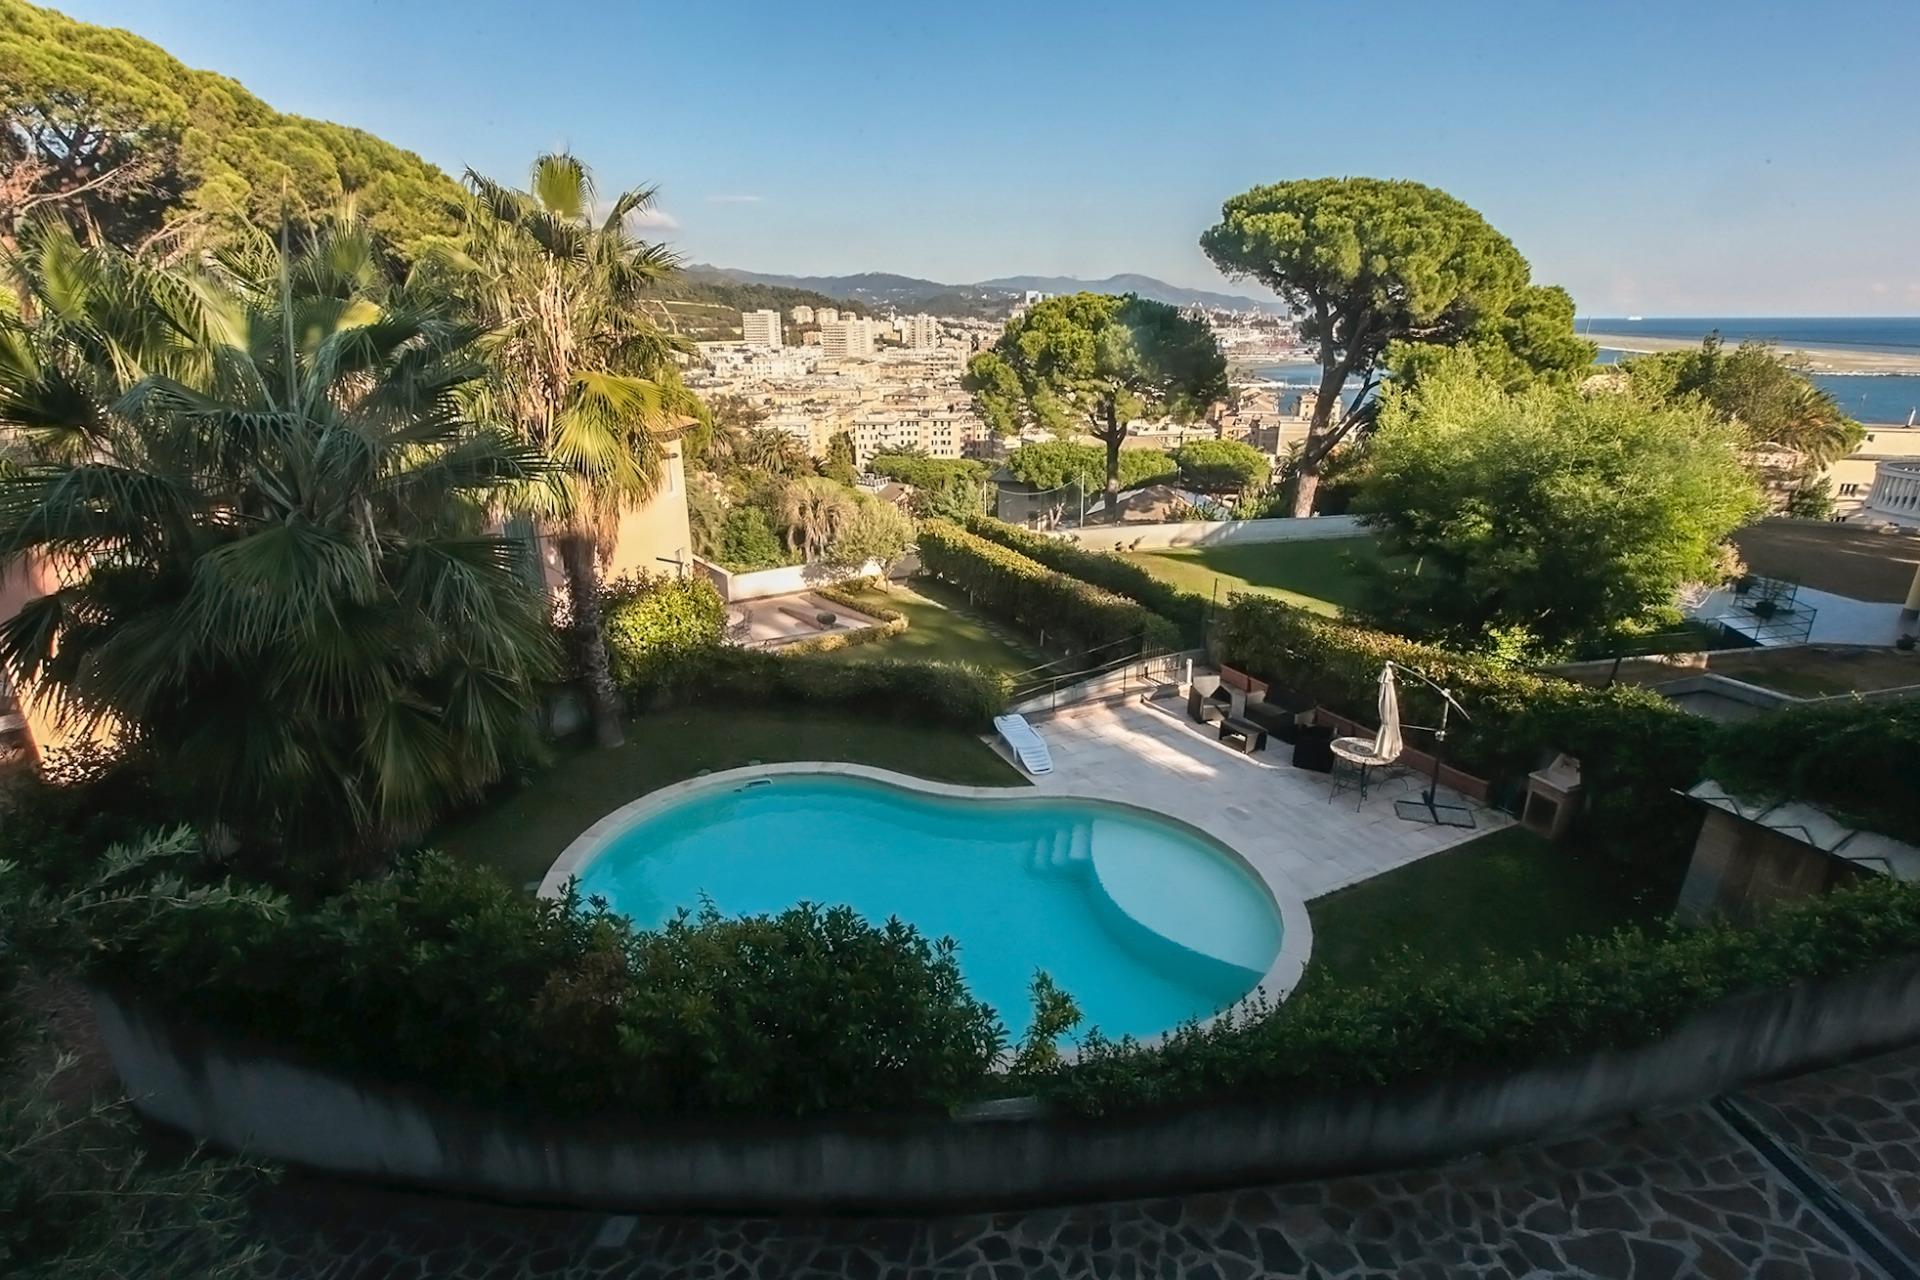 Villa in vendita a Genova, 9 locali, zona Località: Pegli, Trattative riservate | CambioCasa.it